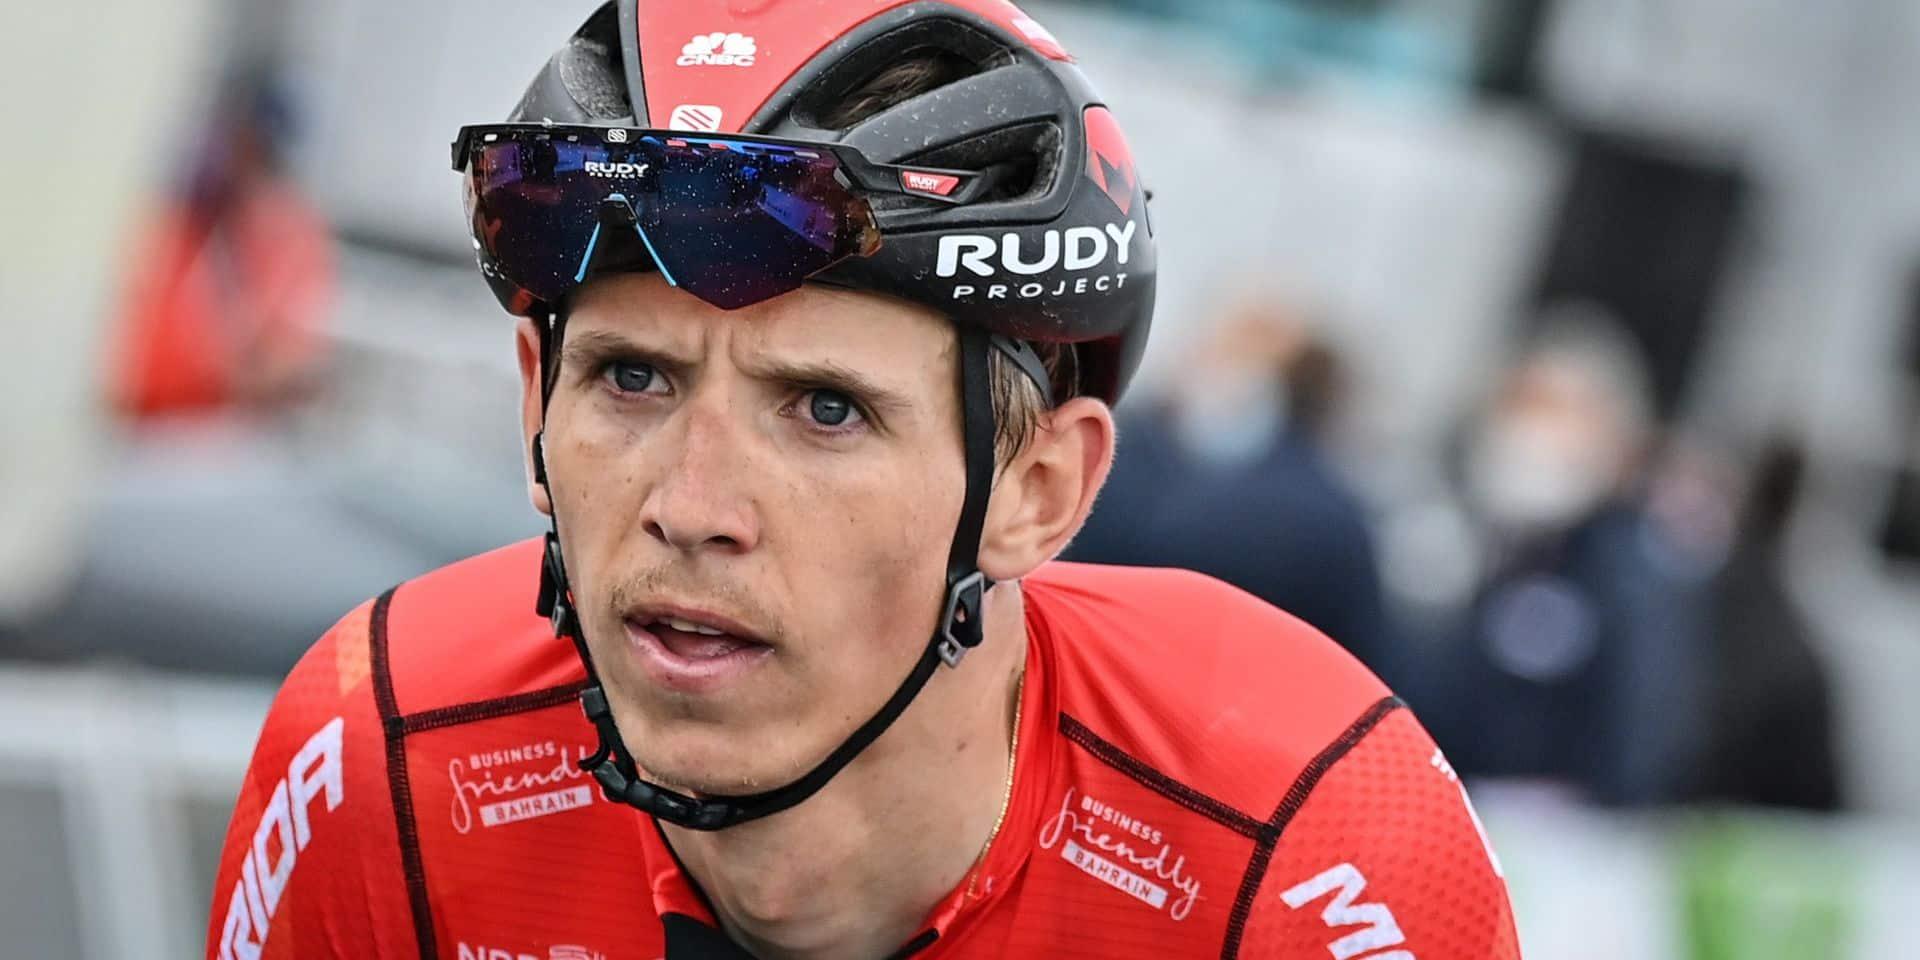 Dylan Teuns sera au Tour de France, mais pas de Mark Padun ni Mikel Landa dans la sélection de Bahrain-Victorious